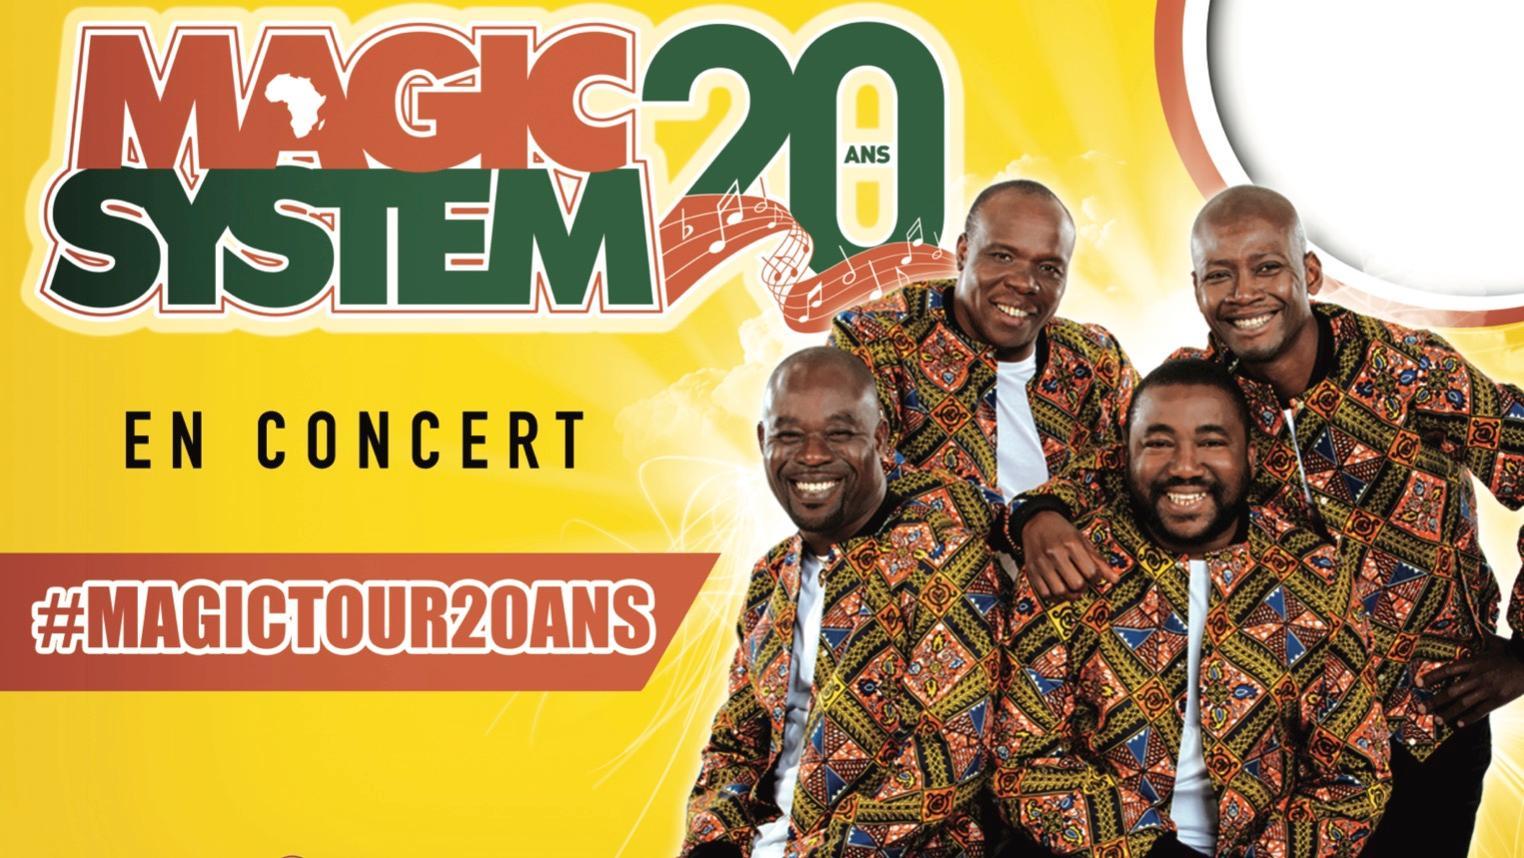 Magic System en concert lors des 24h de Mouscron